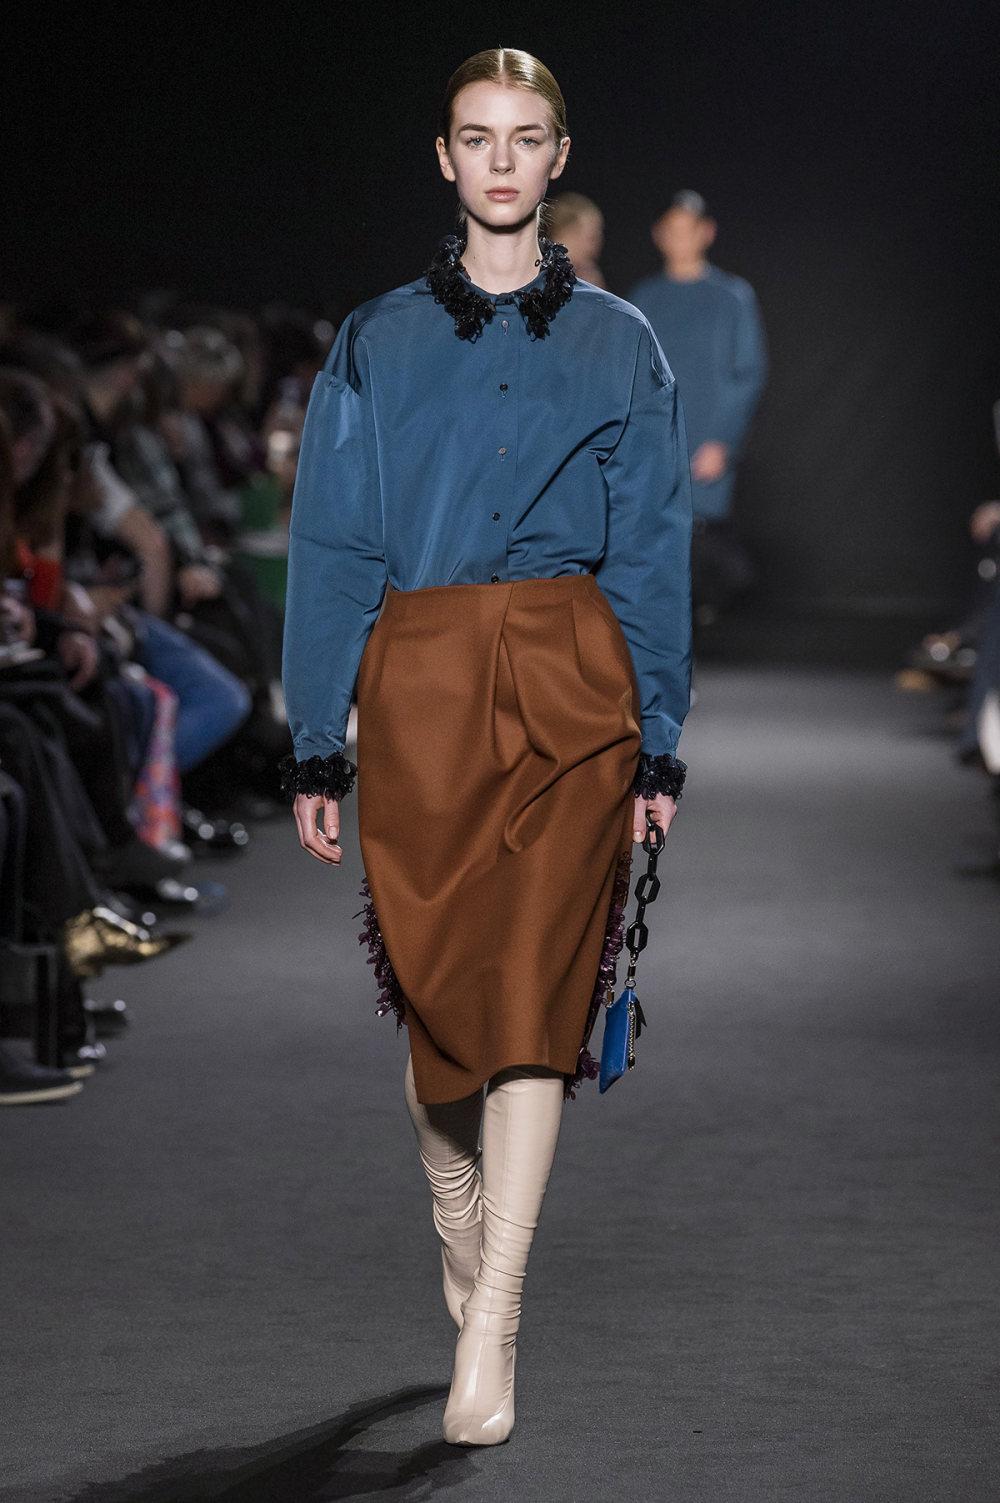 Rochas时装系列黑色无领斜纹软呢褶皱的黑色裙身饰有超细短袖衬衫-23.jpg